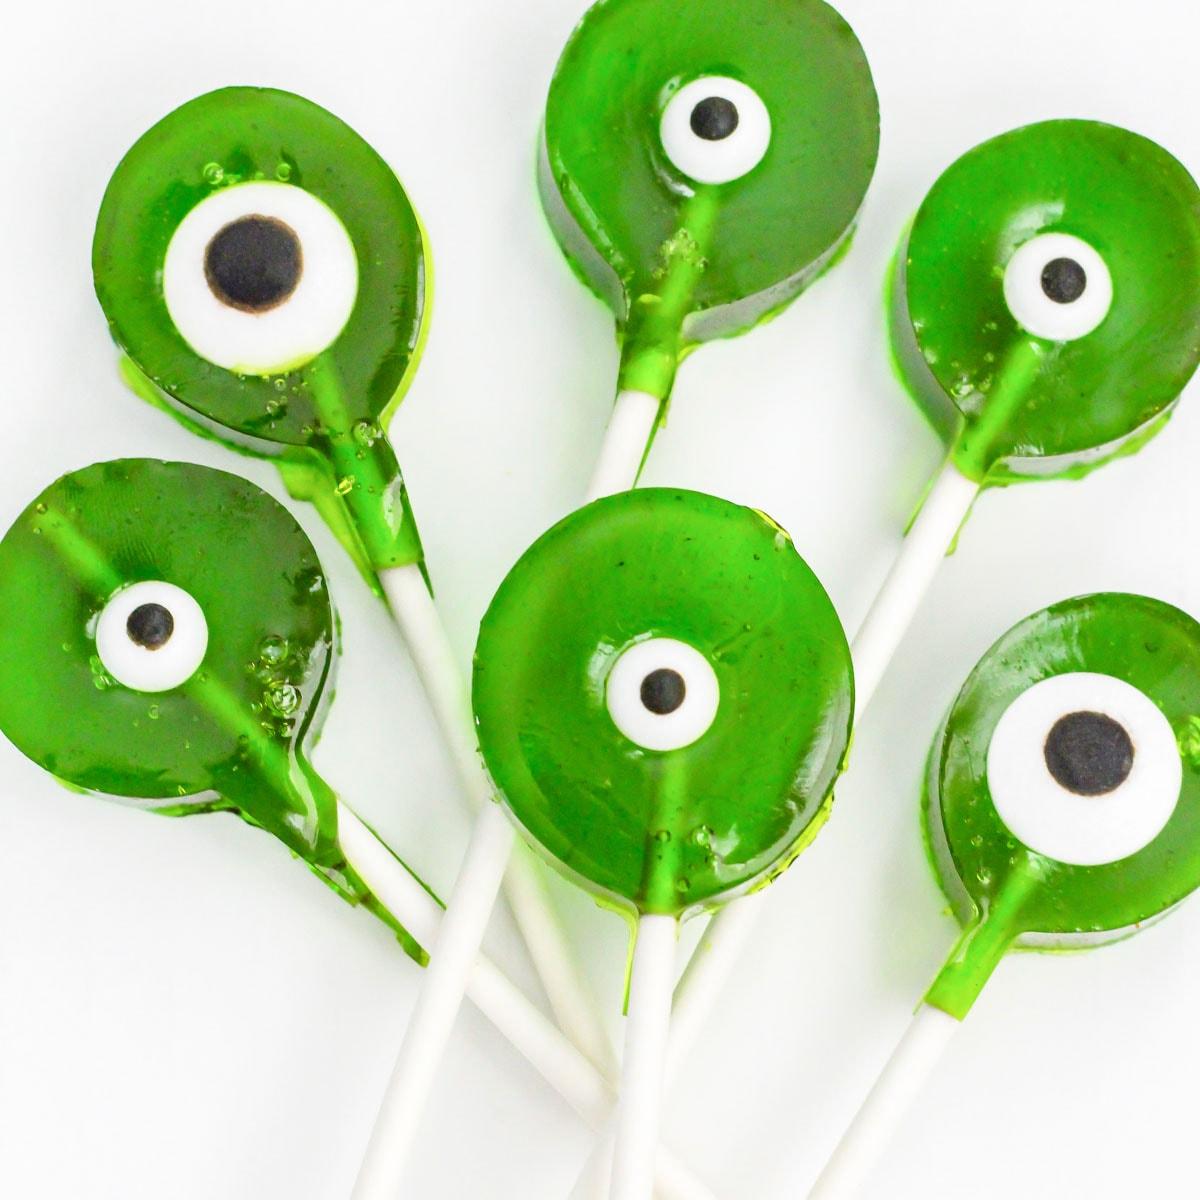 Green monster suckers with eyeballs